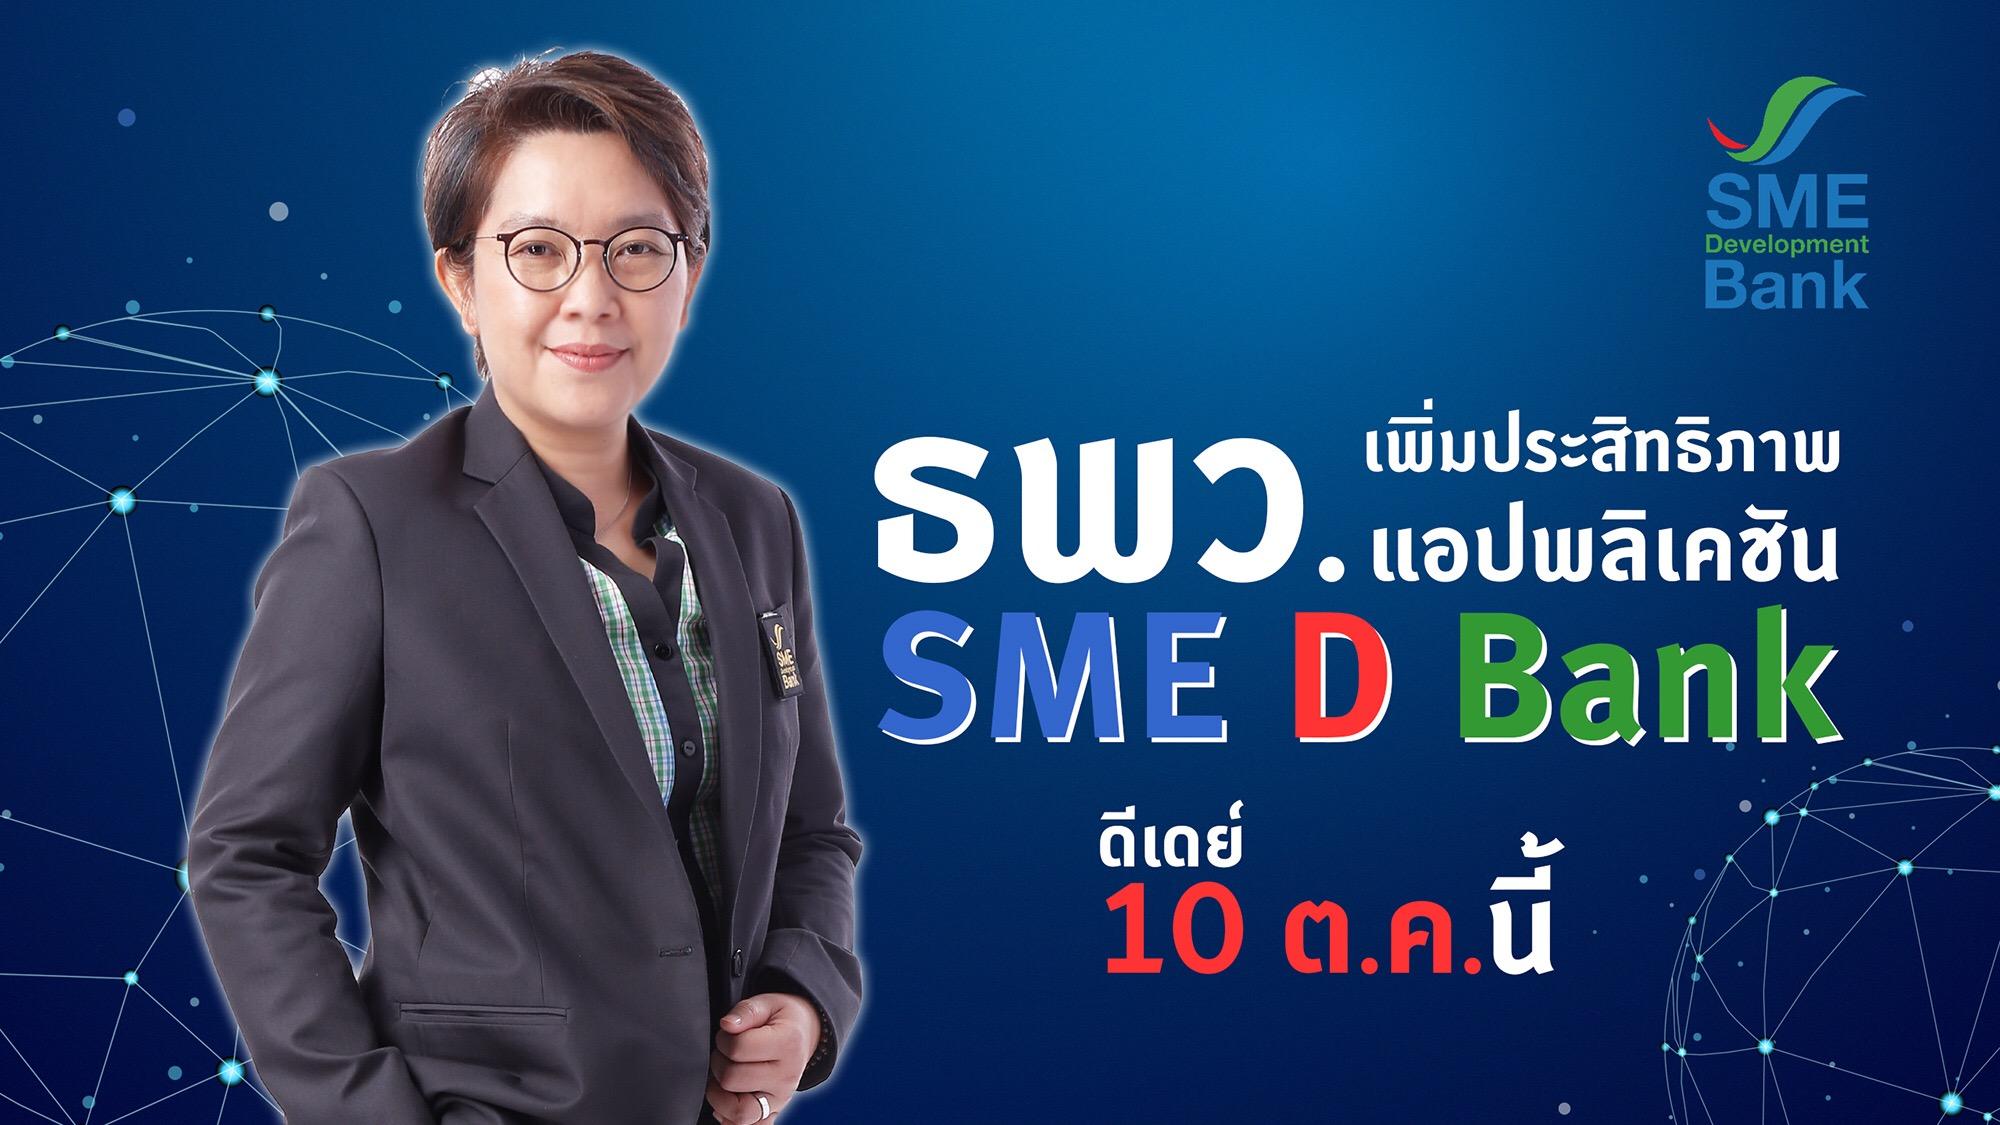 ธพว.เปิดบริการใหม่เพิ่มประสิทธิภาพแอปพลิเคชั่น 'SME D Bank'  ดีเดย์ 10 ต.ค.นี้